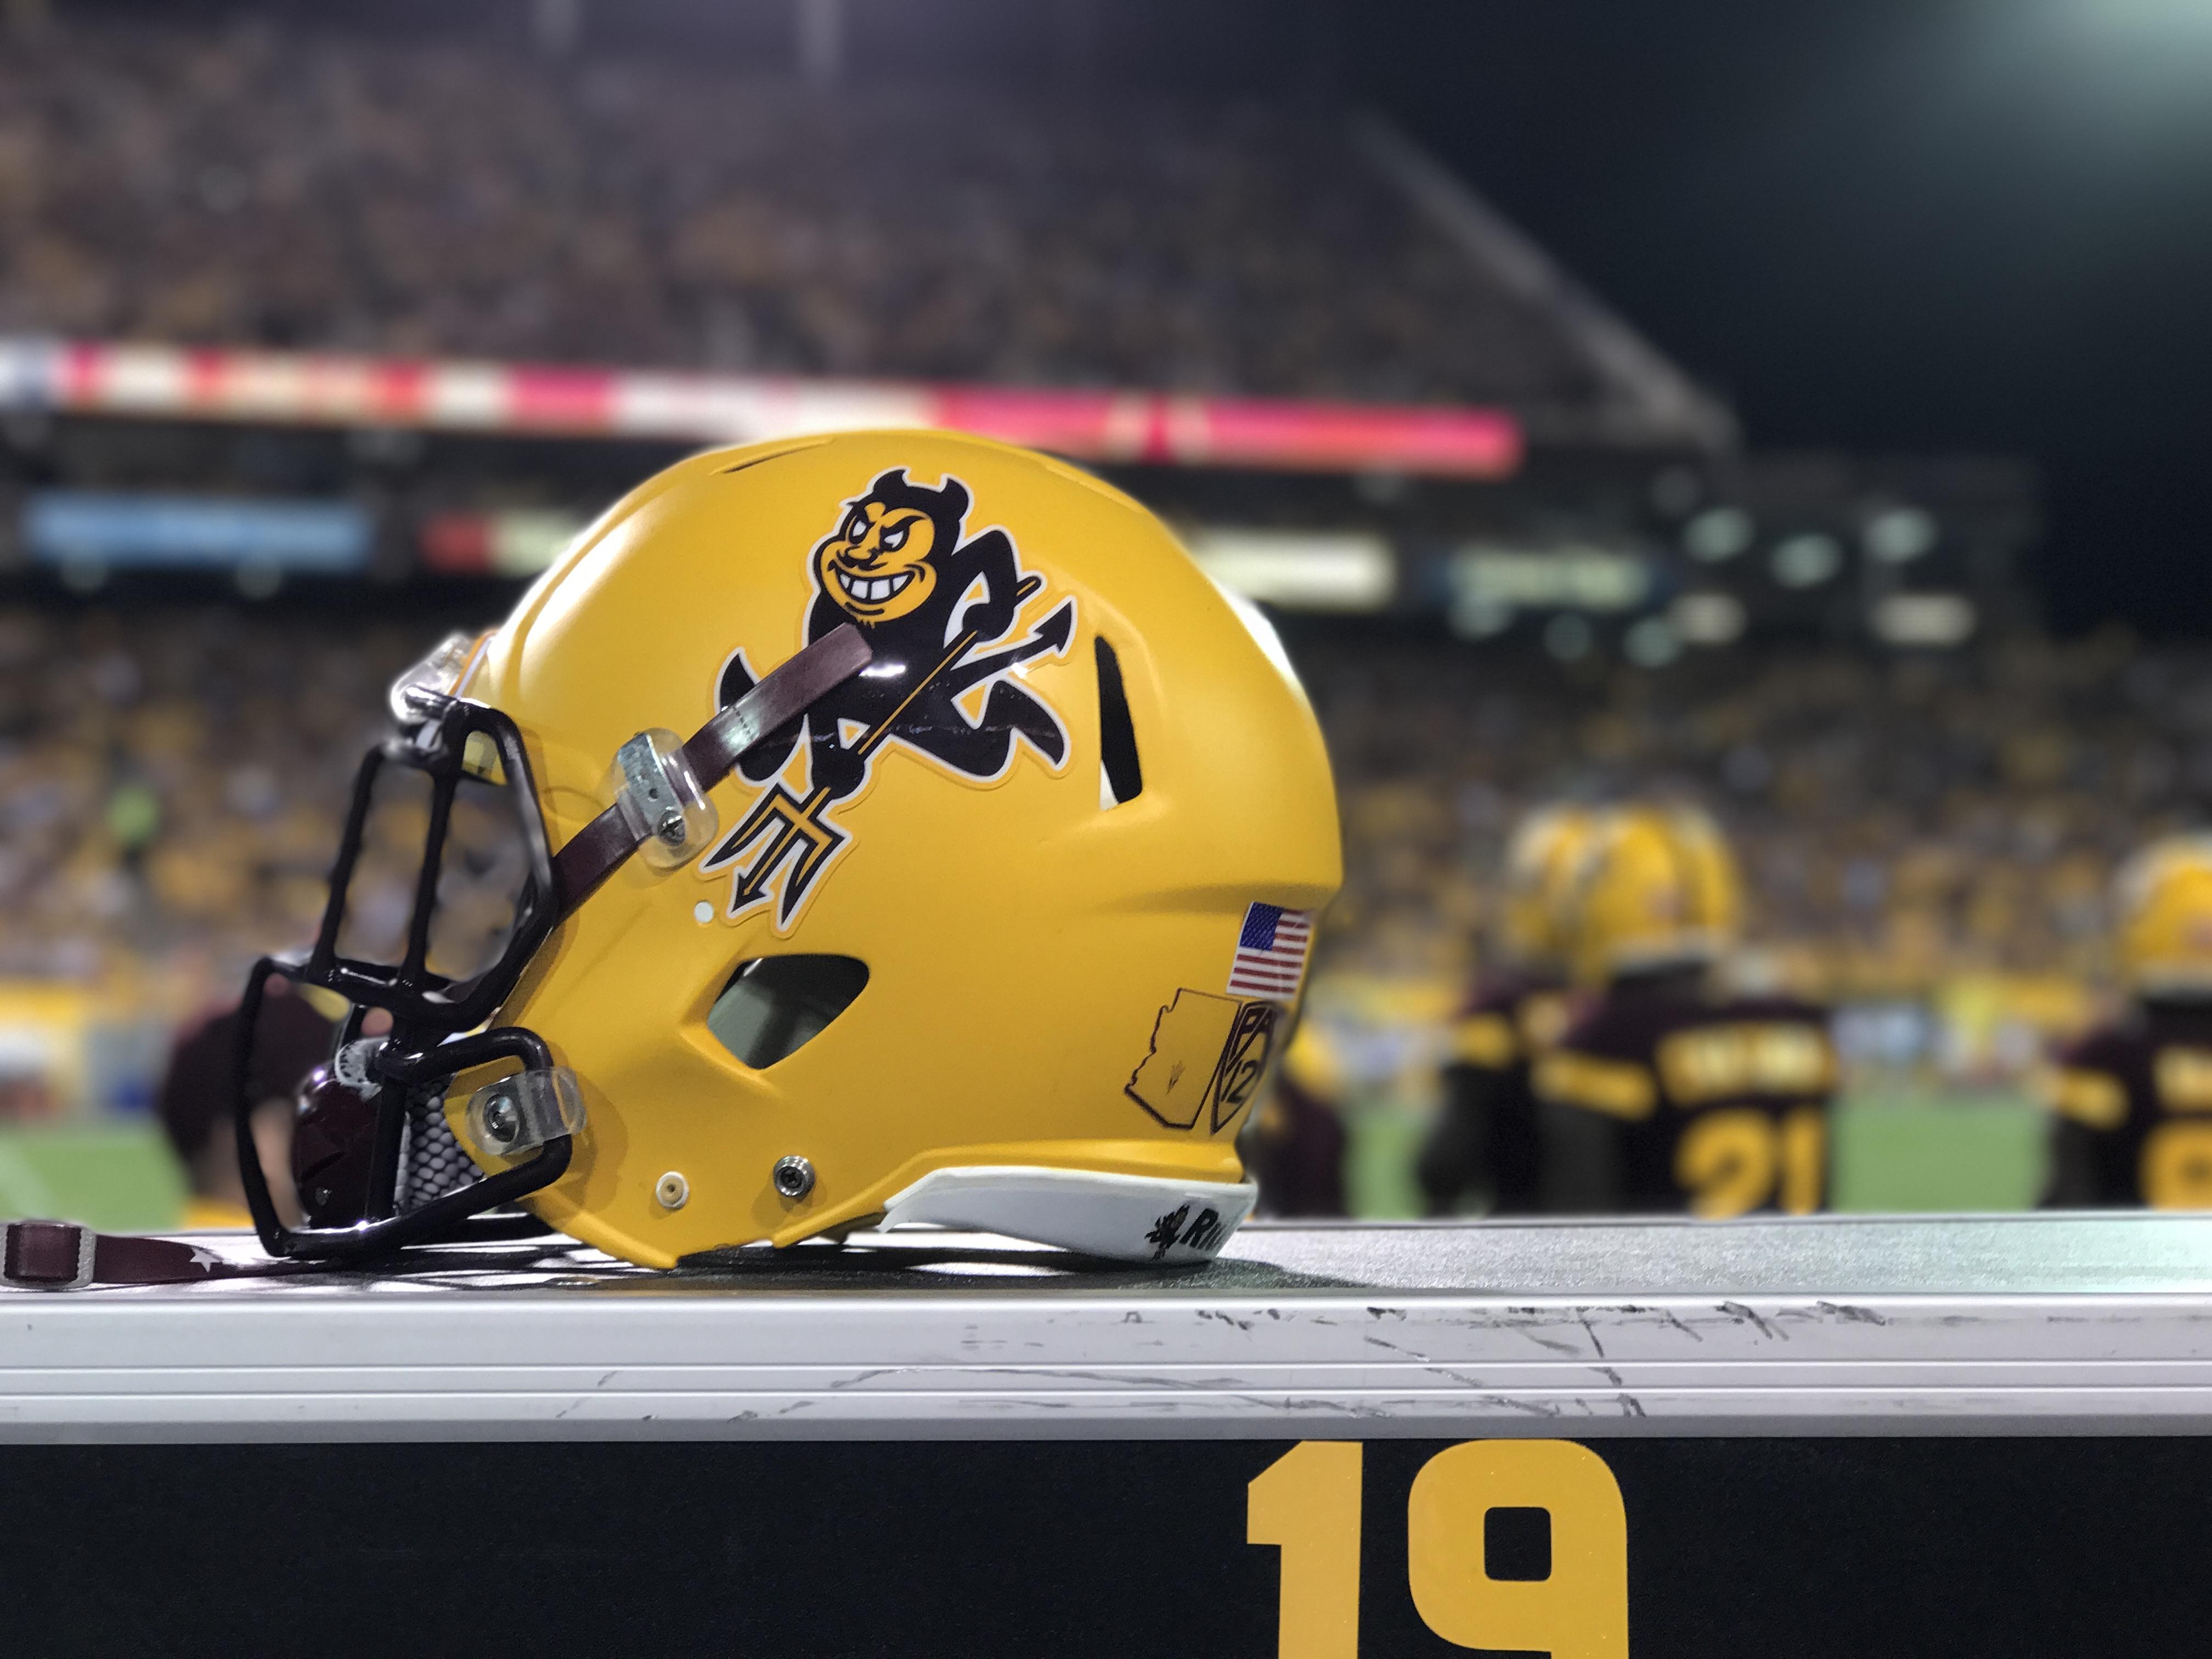 ASU Helmet vs WSU